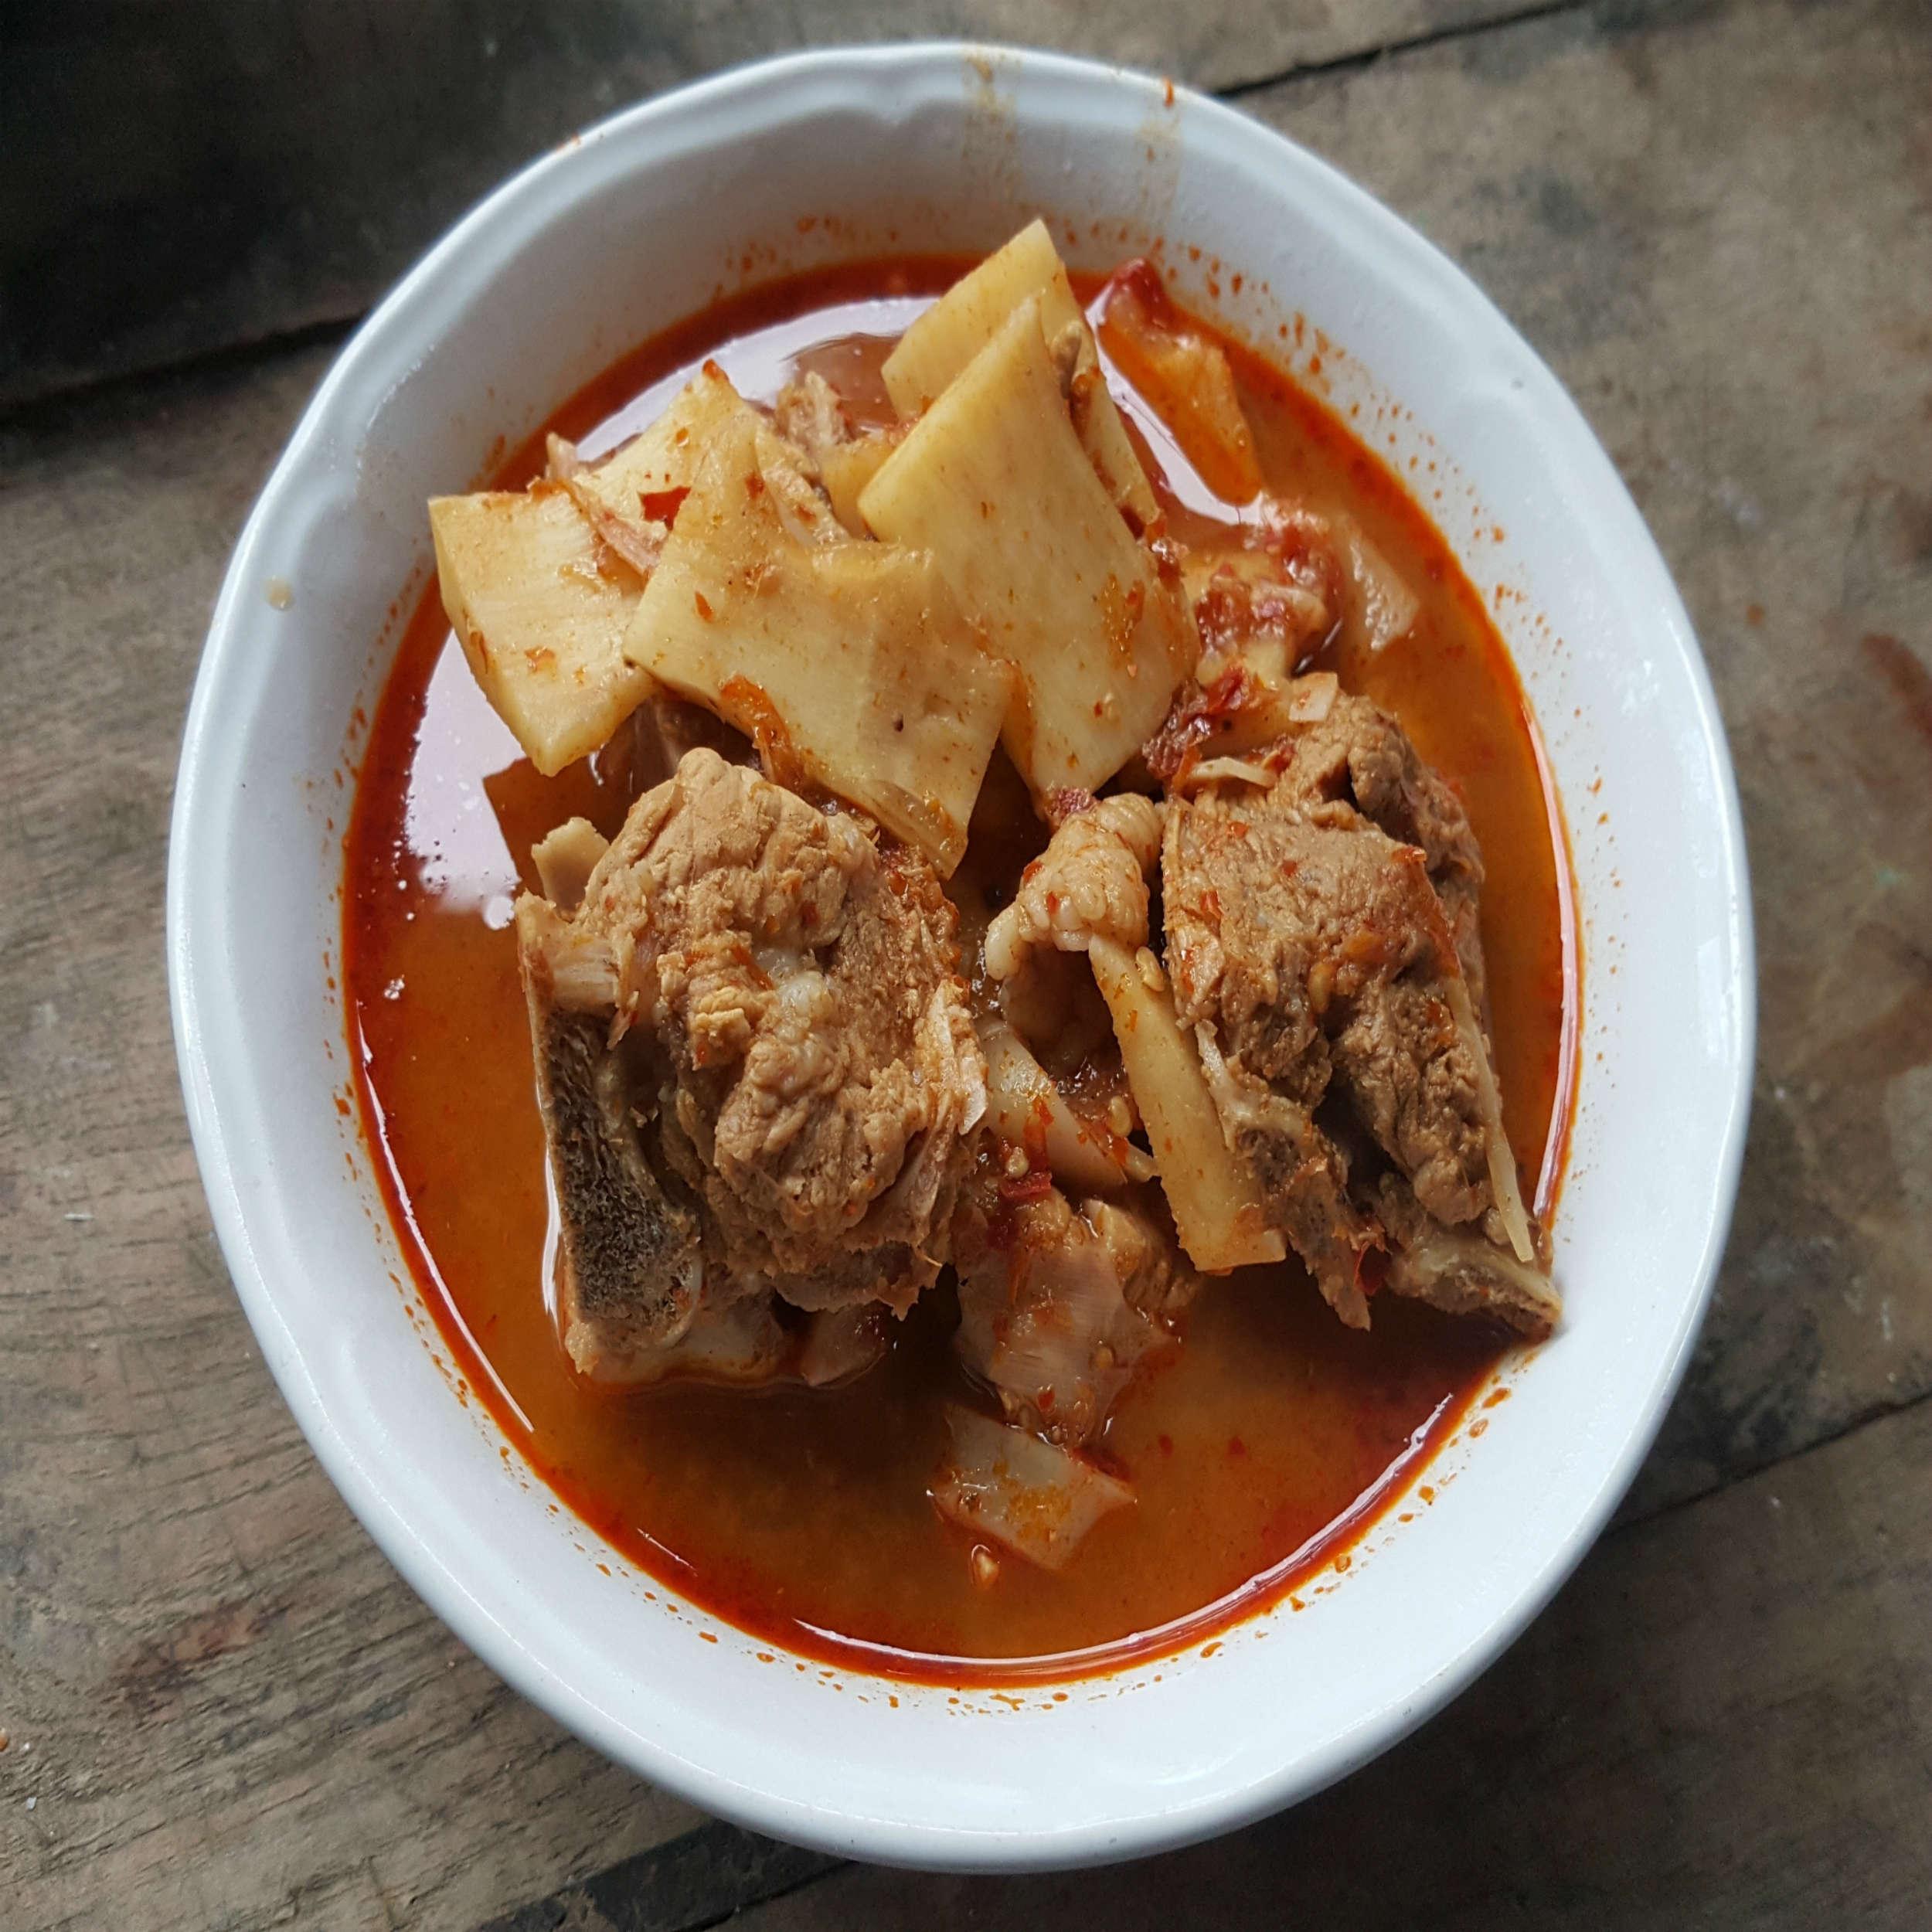 Naga Pork Curry Recipe: How to Make Naga Pork Curry Recipe   Homemade Naga  Pork Curry Recipe